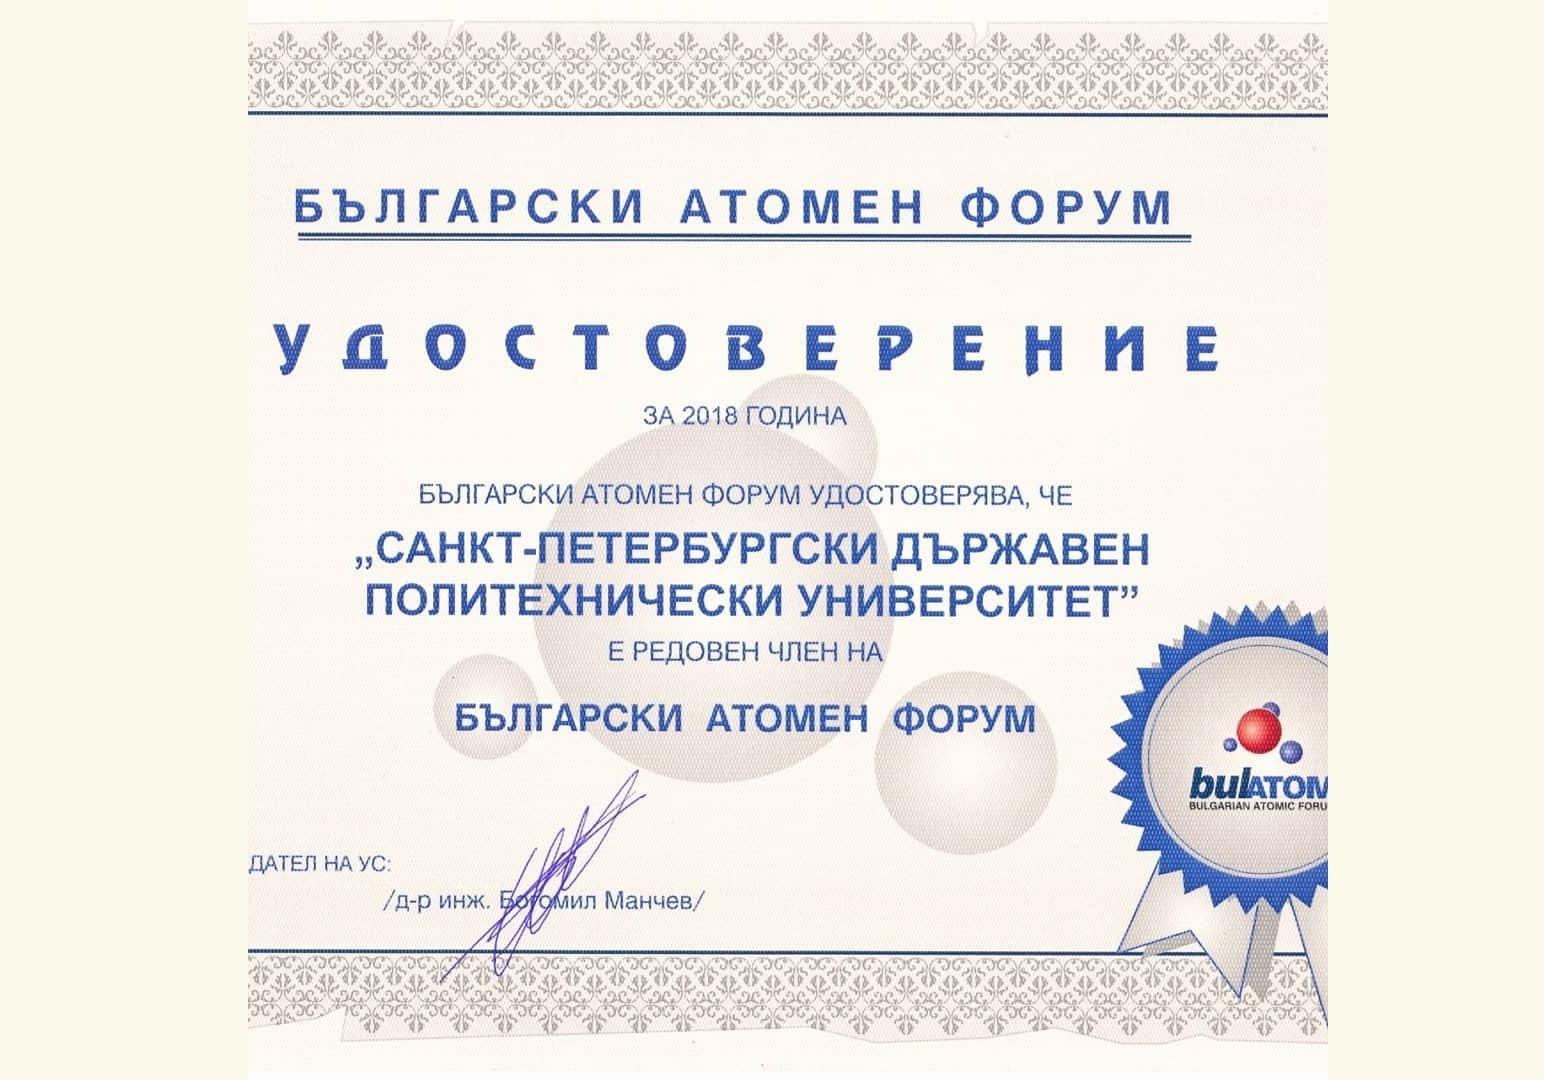 Ежегодное отчетное собрание Ассоциации Болгарского атомного форума